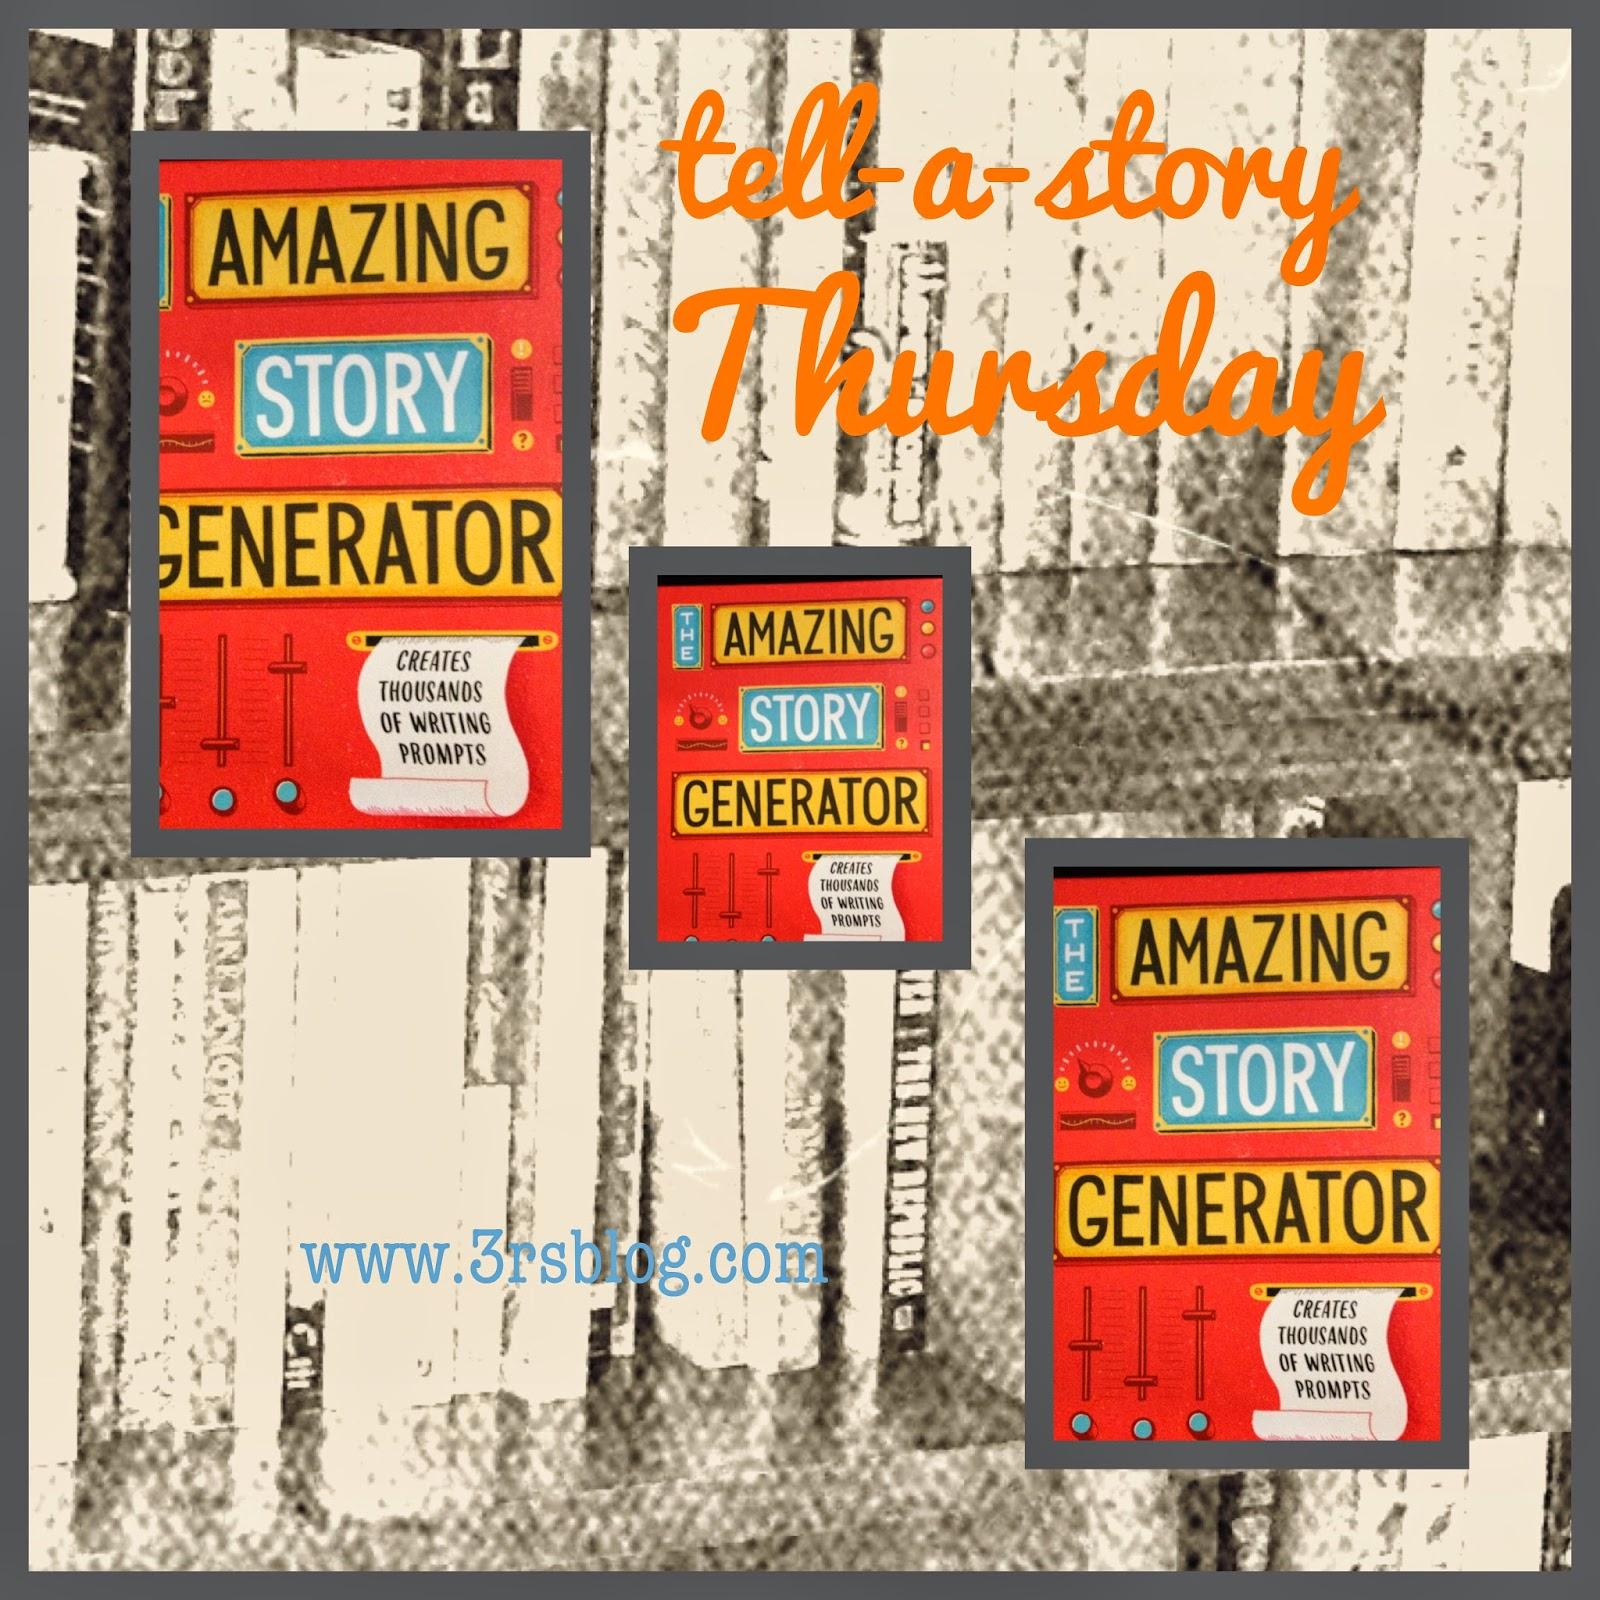 tellastory thursday 3rsblog